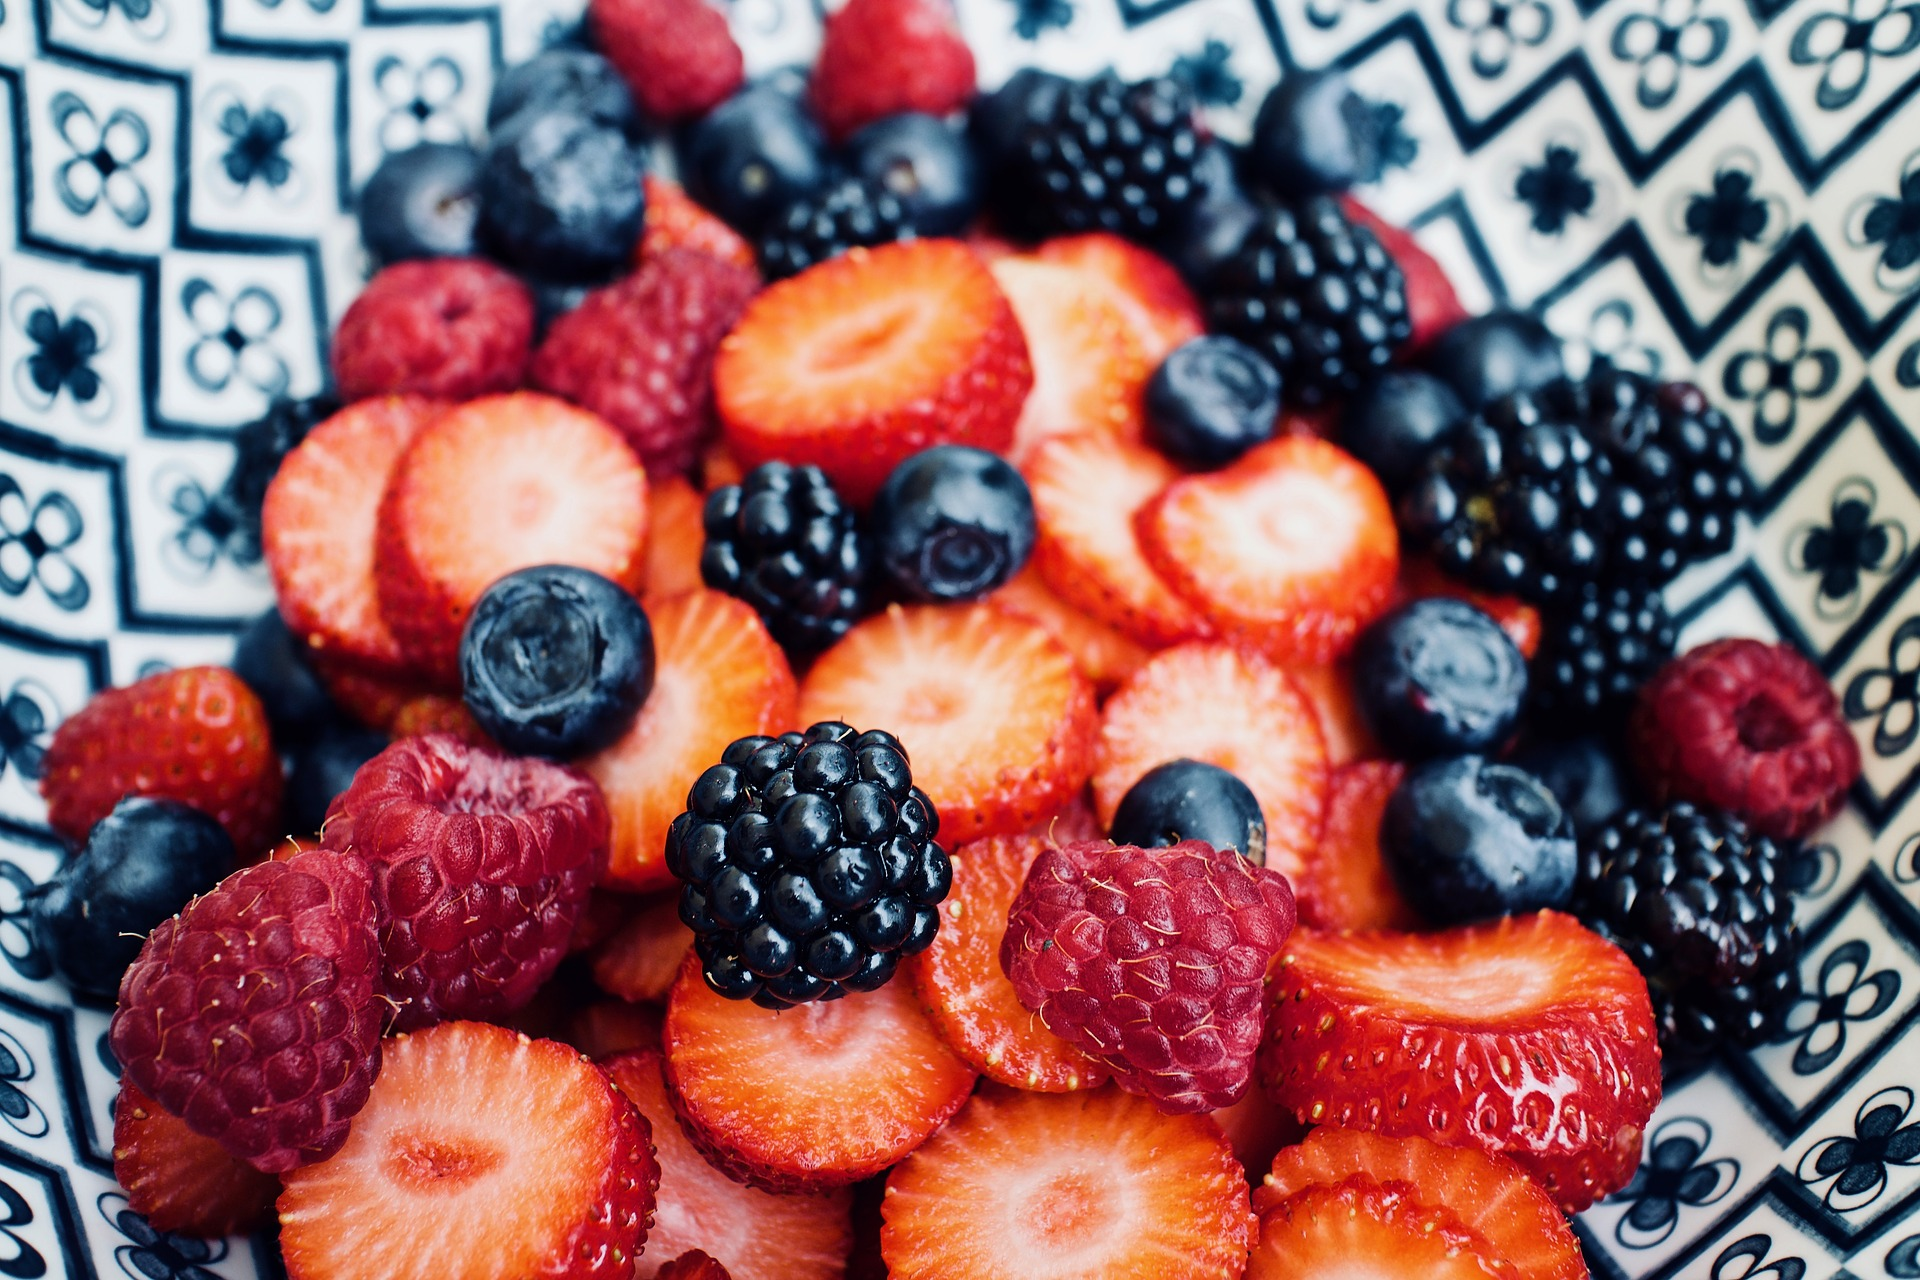 konzumace ovoce během keto diety